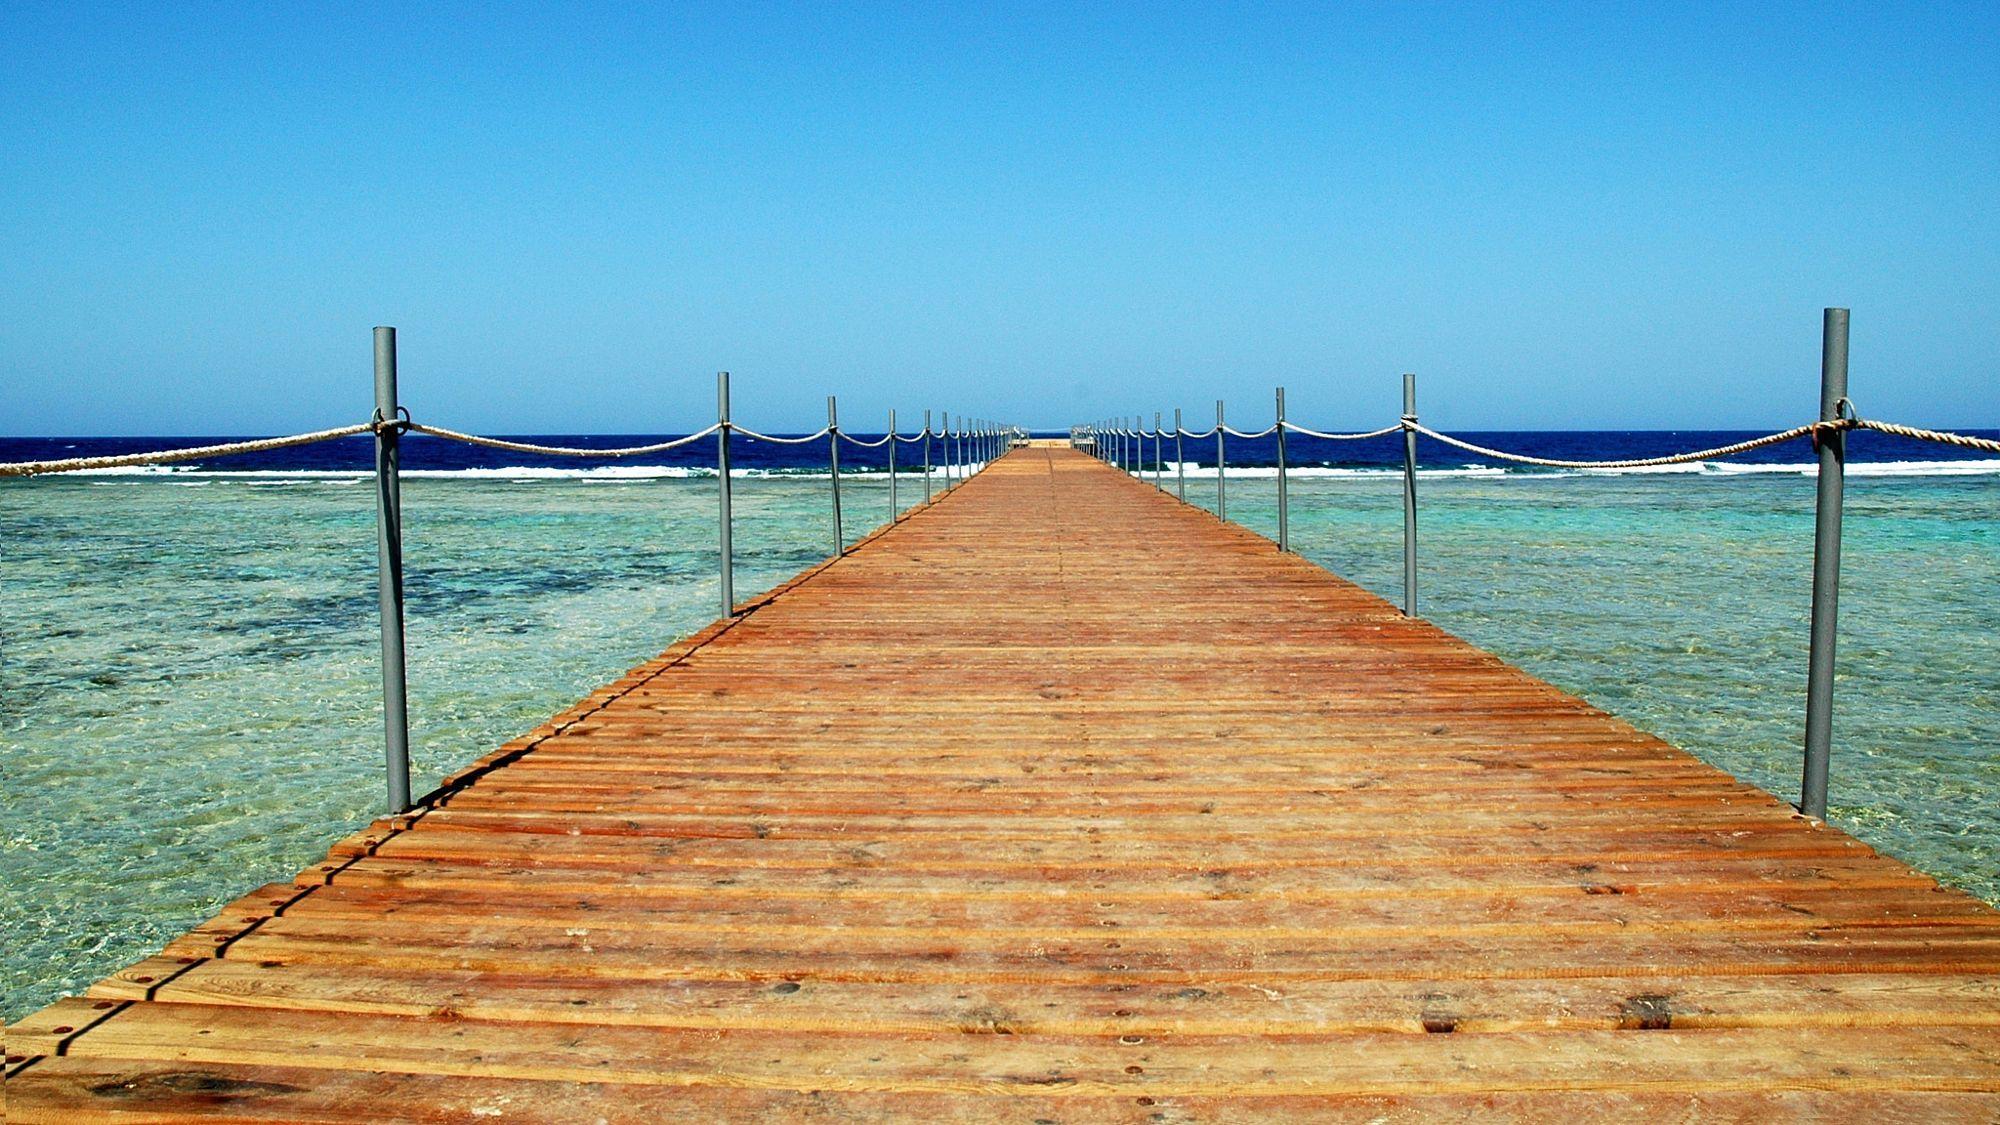 Il mare sembra lontano  Travel photo by 1957maugo http://rarme.com/?F9gZi